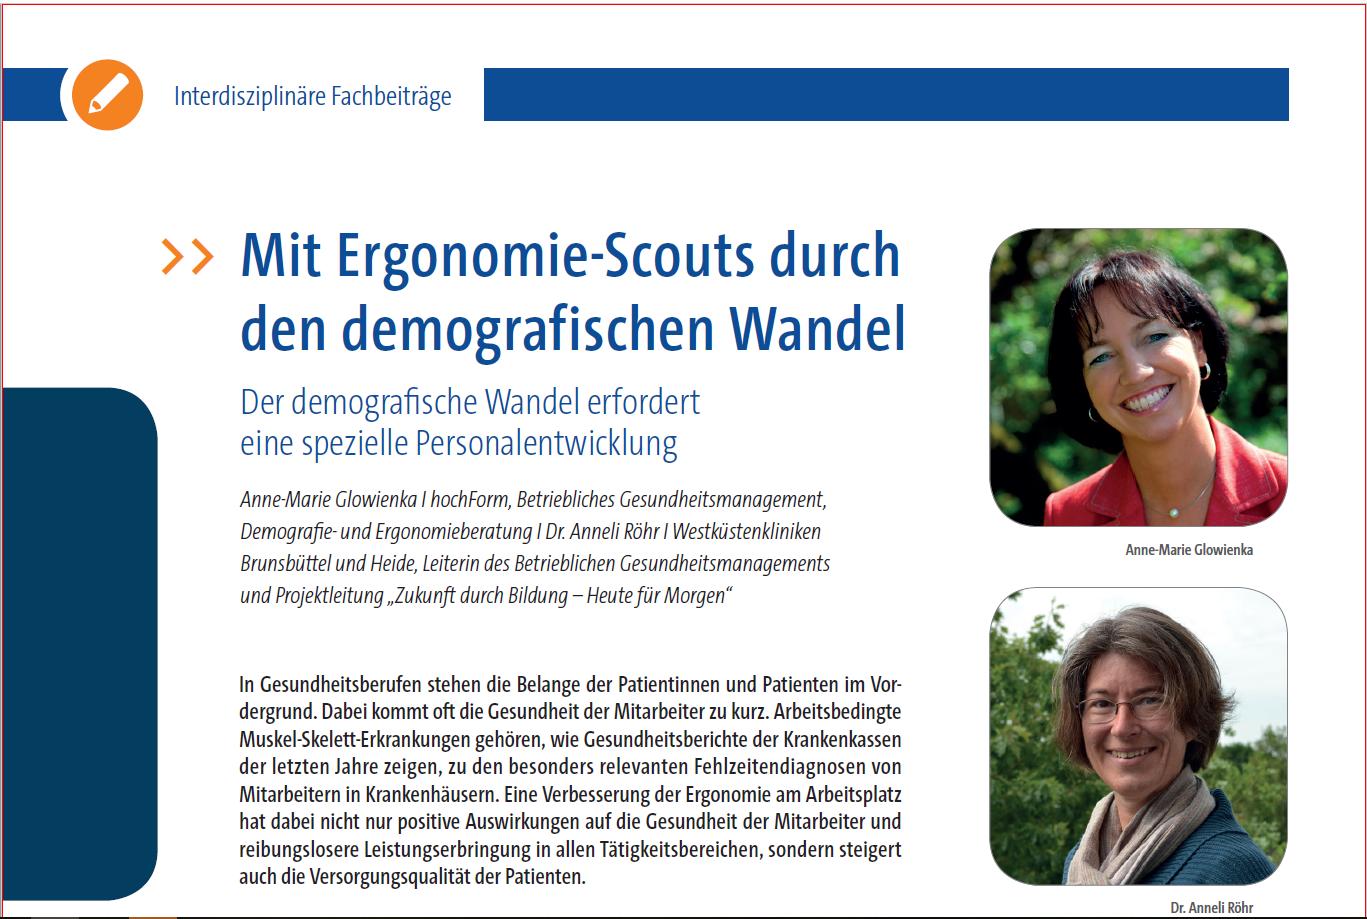 Fachbeitrag: Mit Ergonomie-Scouts durch den demografischen Wandel